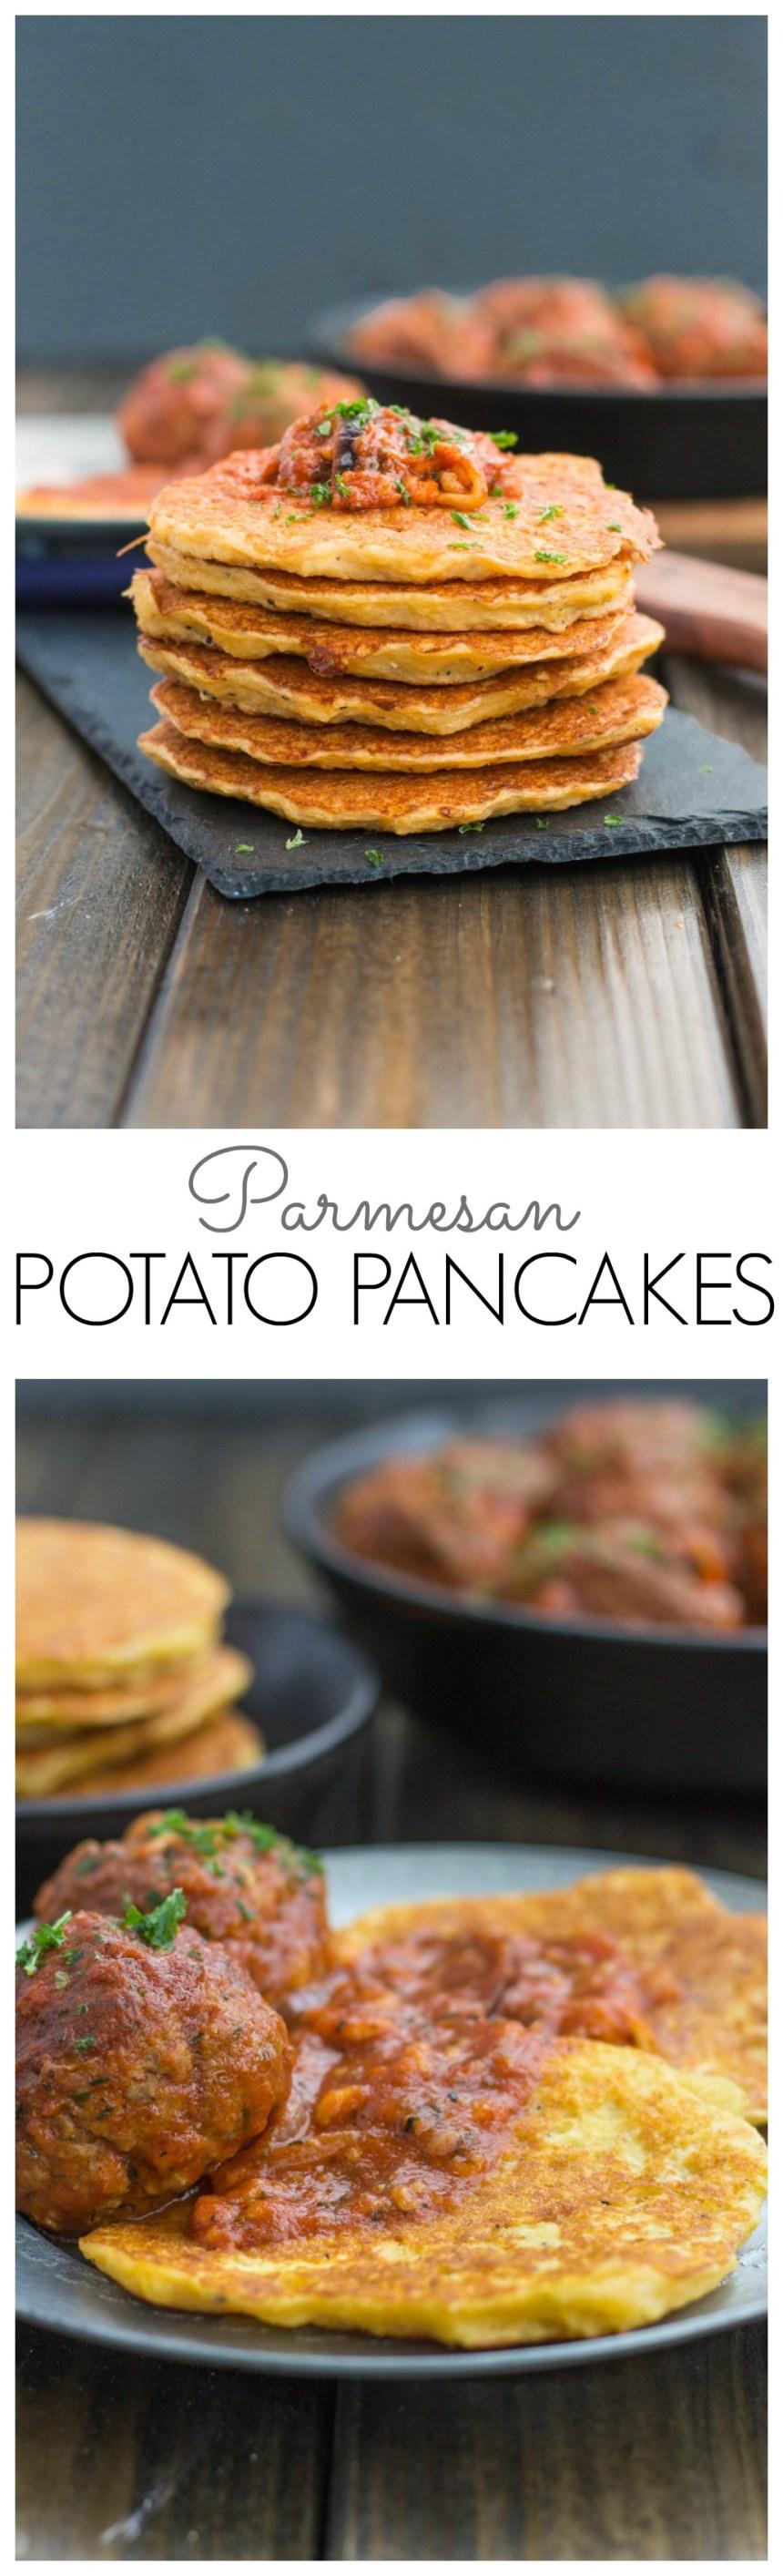 Parmesan Potato Pancake